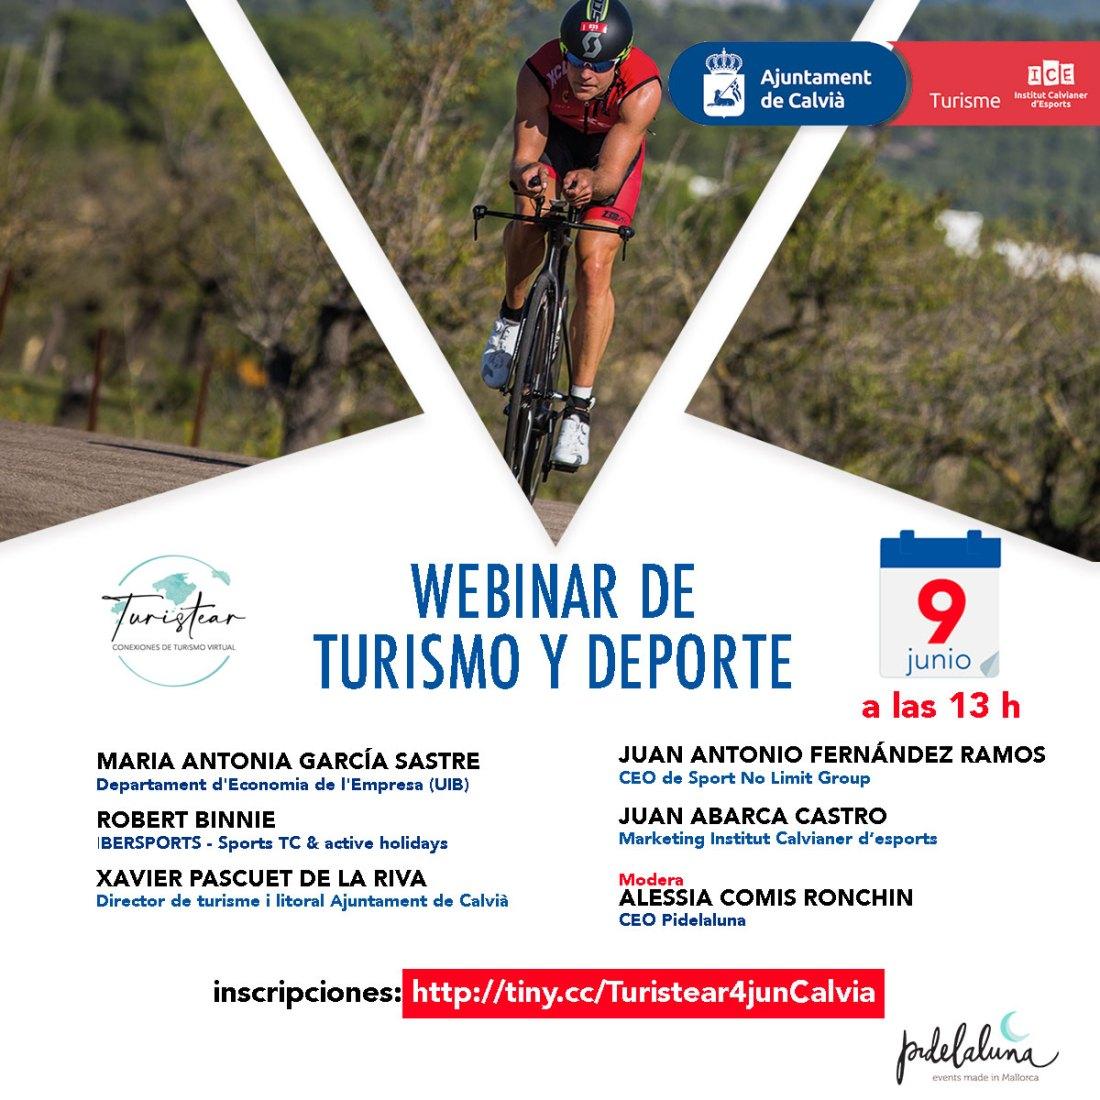 webinar de turismo y deporte en Mallorca